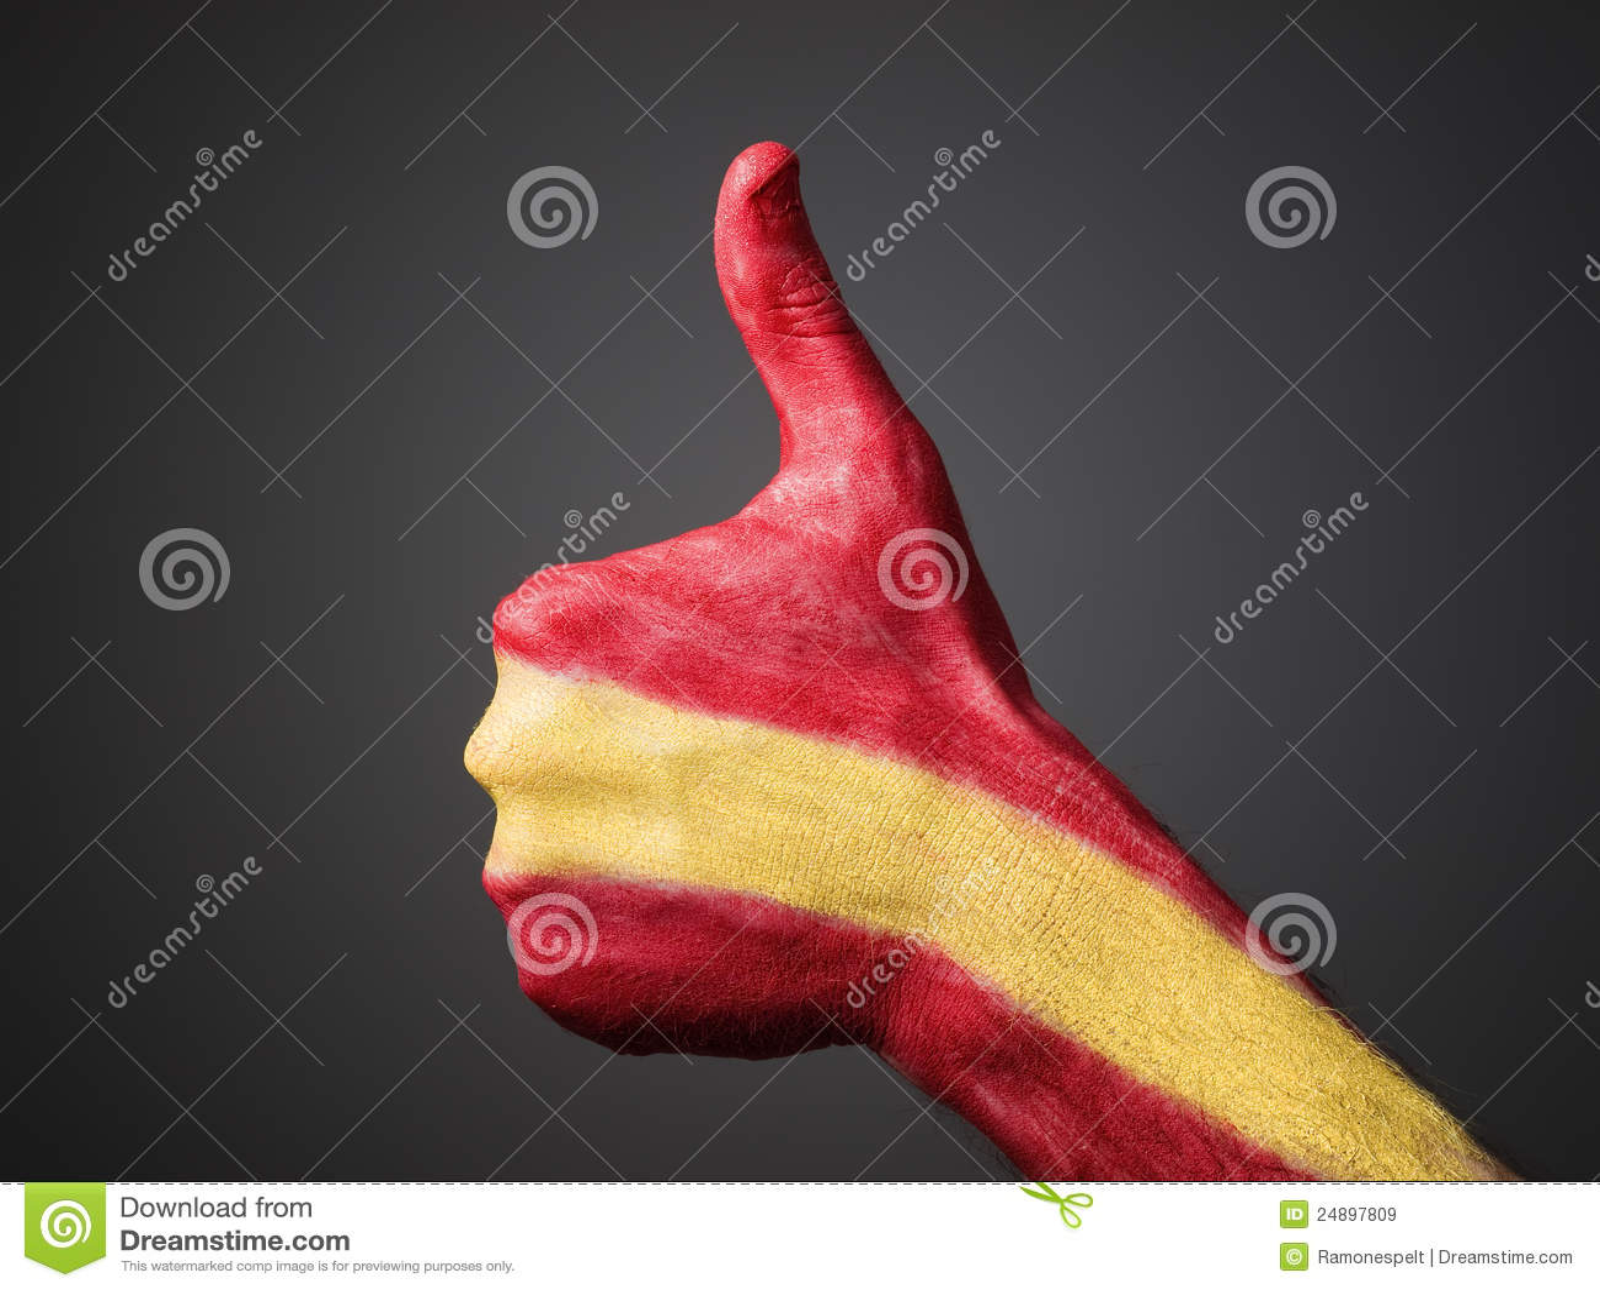 Handgemalt mit Markierungsfahne Spanien, das Bestimmtheit ausdrückt